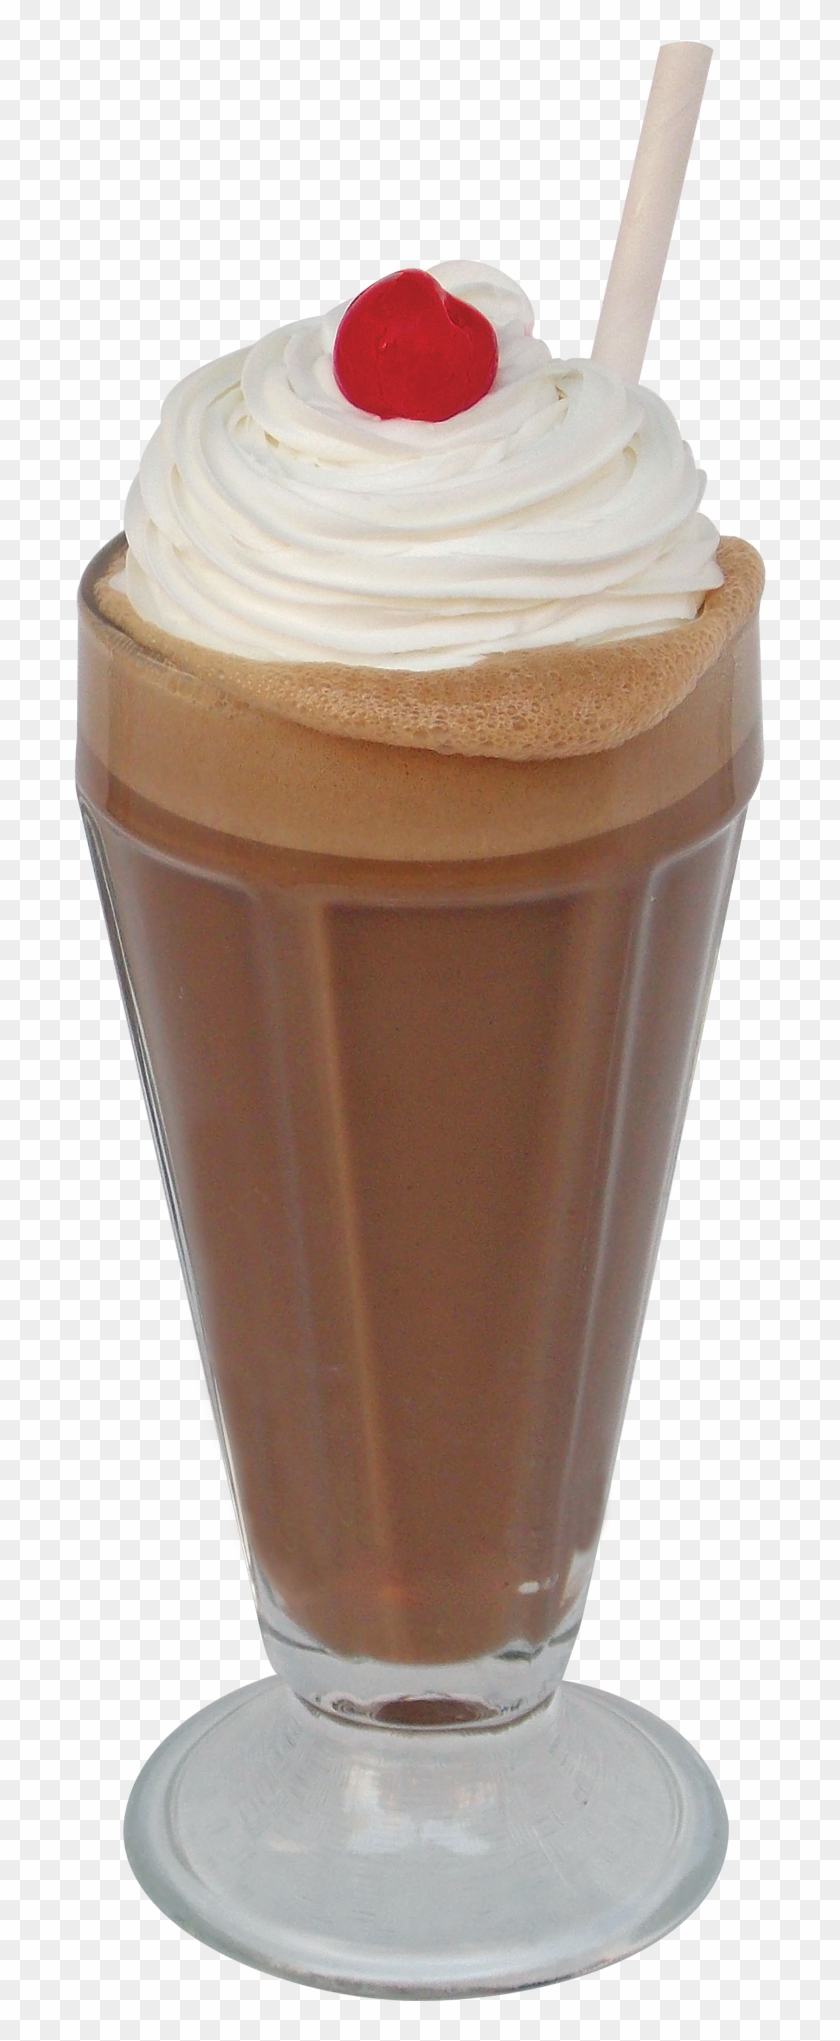 Chocolate milkshake clipart banner stock Malt Clipart Chocolate Milkshake - Milk Shake Chocolate Png ... banner stock